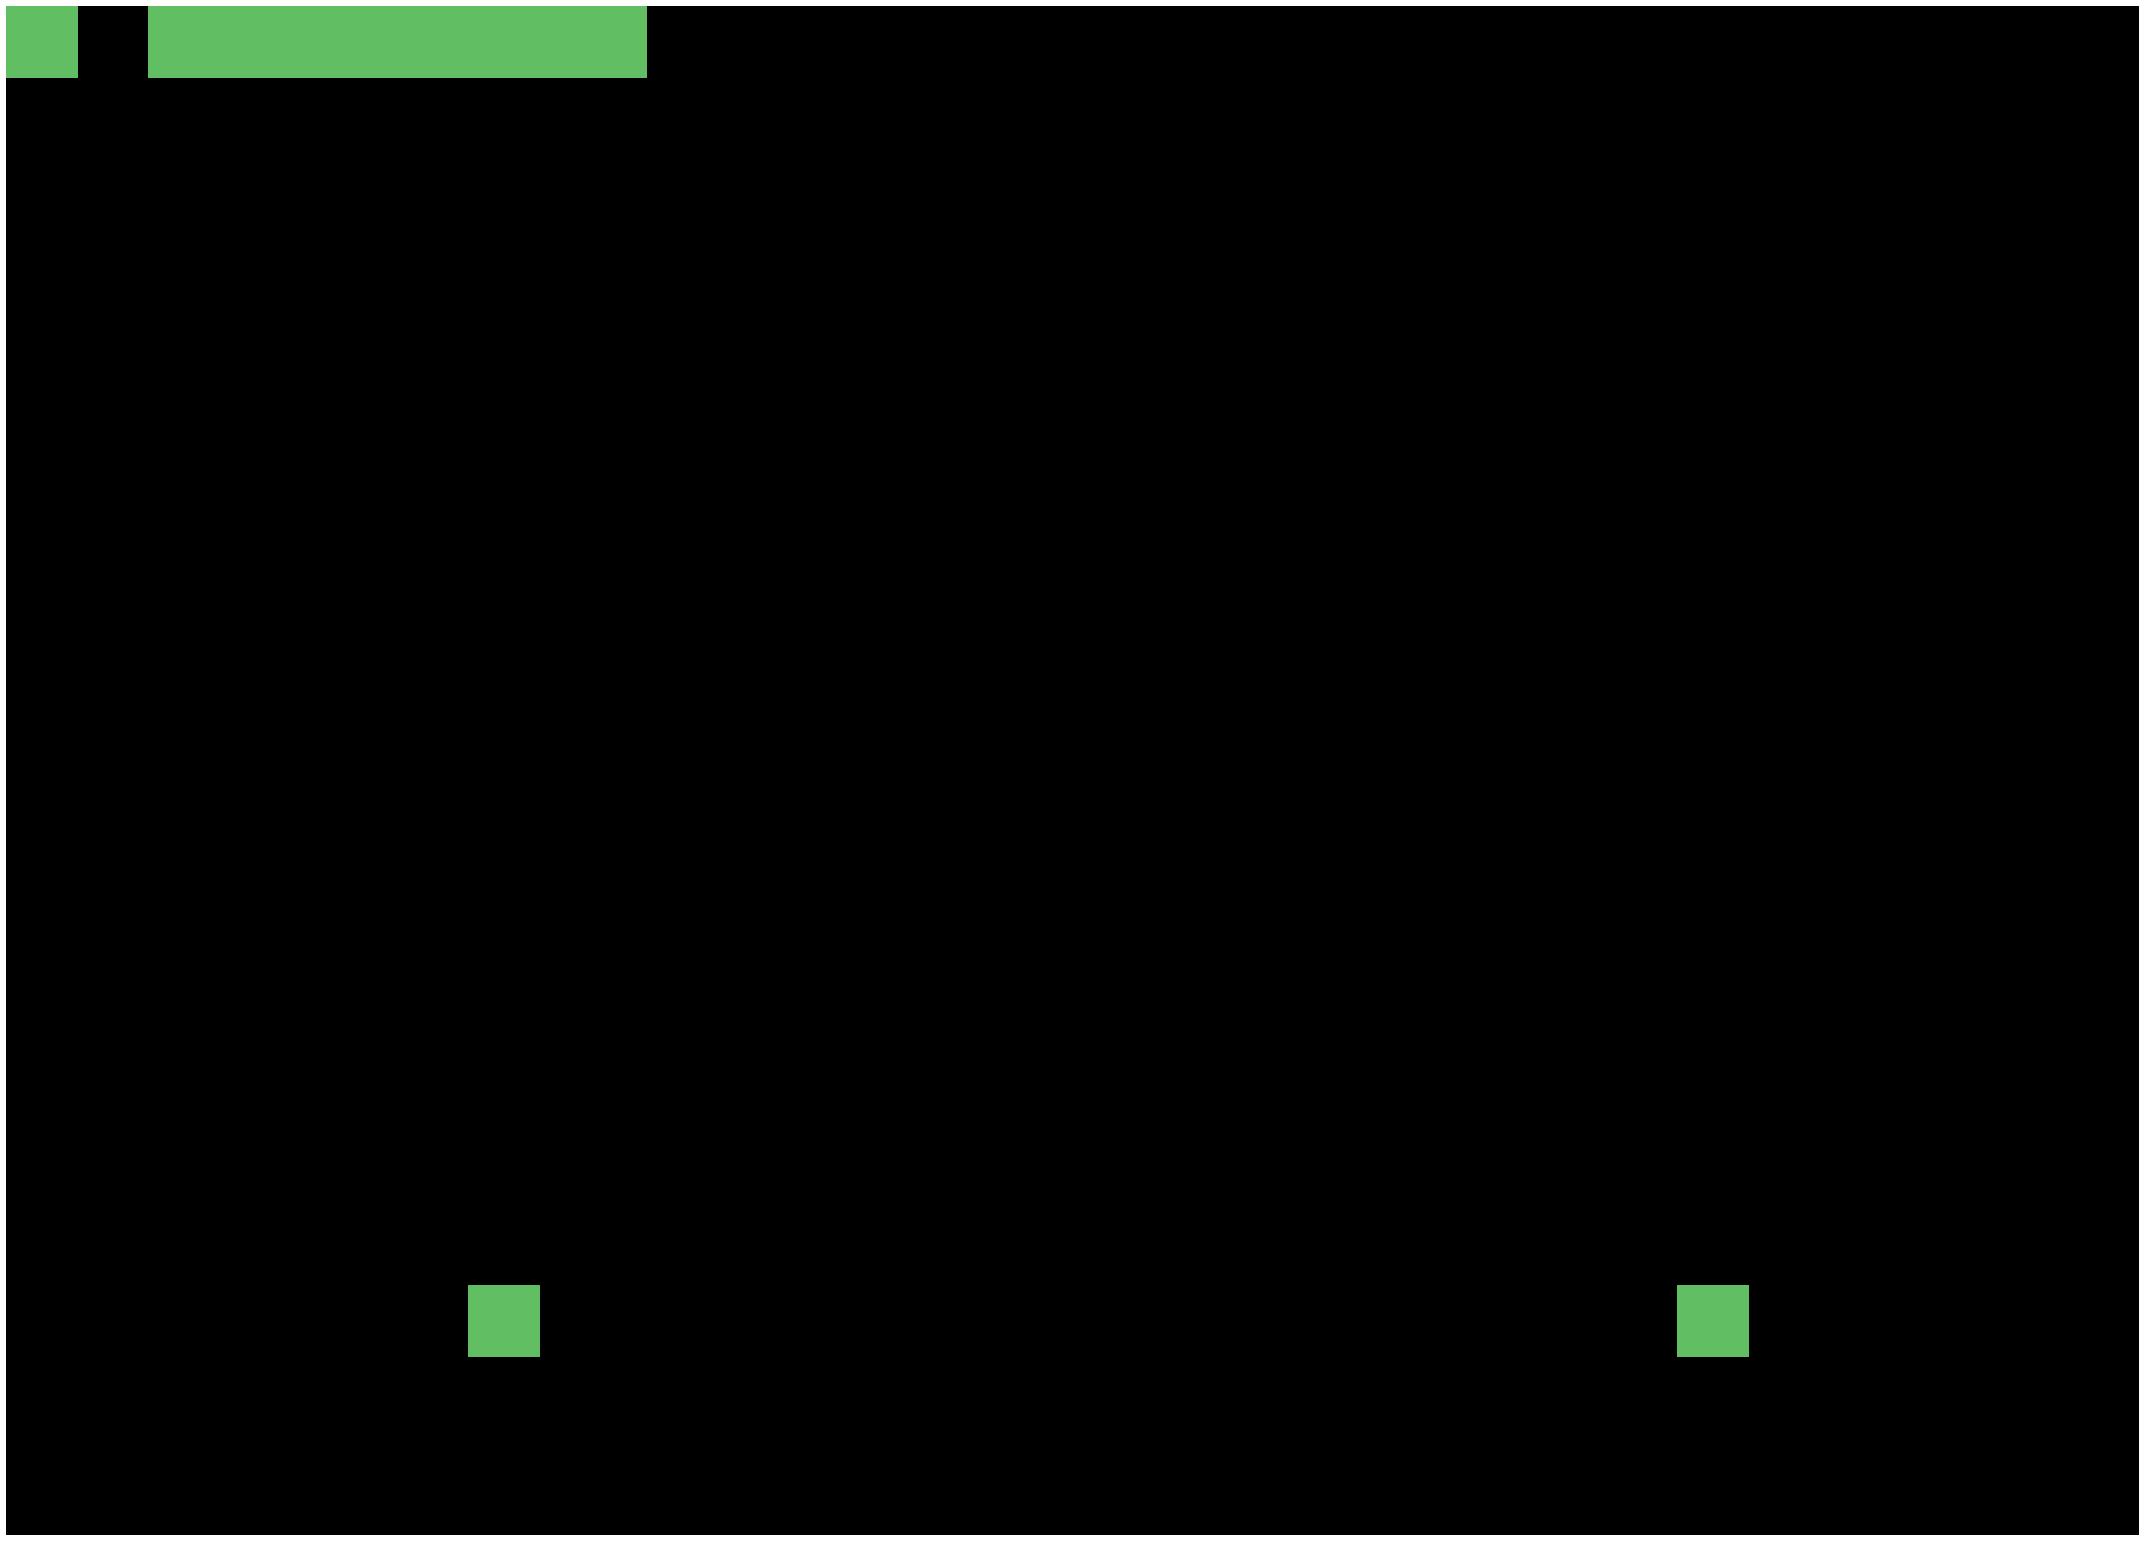 truck-green